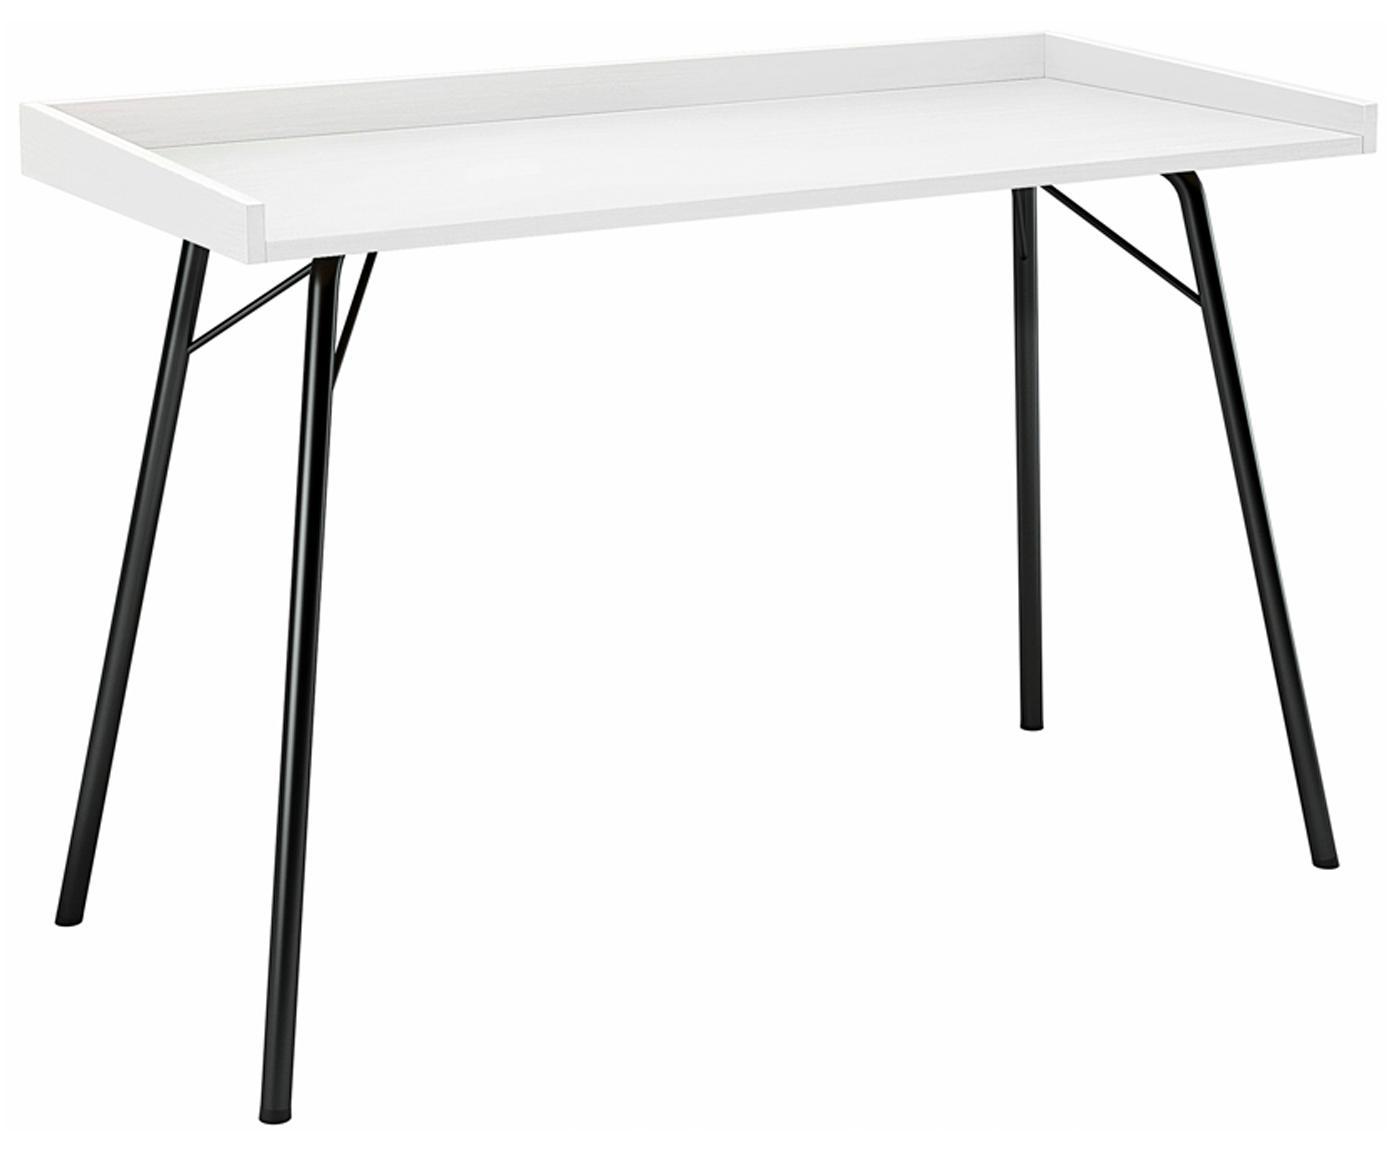 Bureau Rayburn met wit blad, Tafelblad: gelakt MDF, Frame: gepoedercoat metaal, Wit, 115 x 78 cm